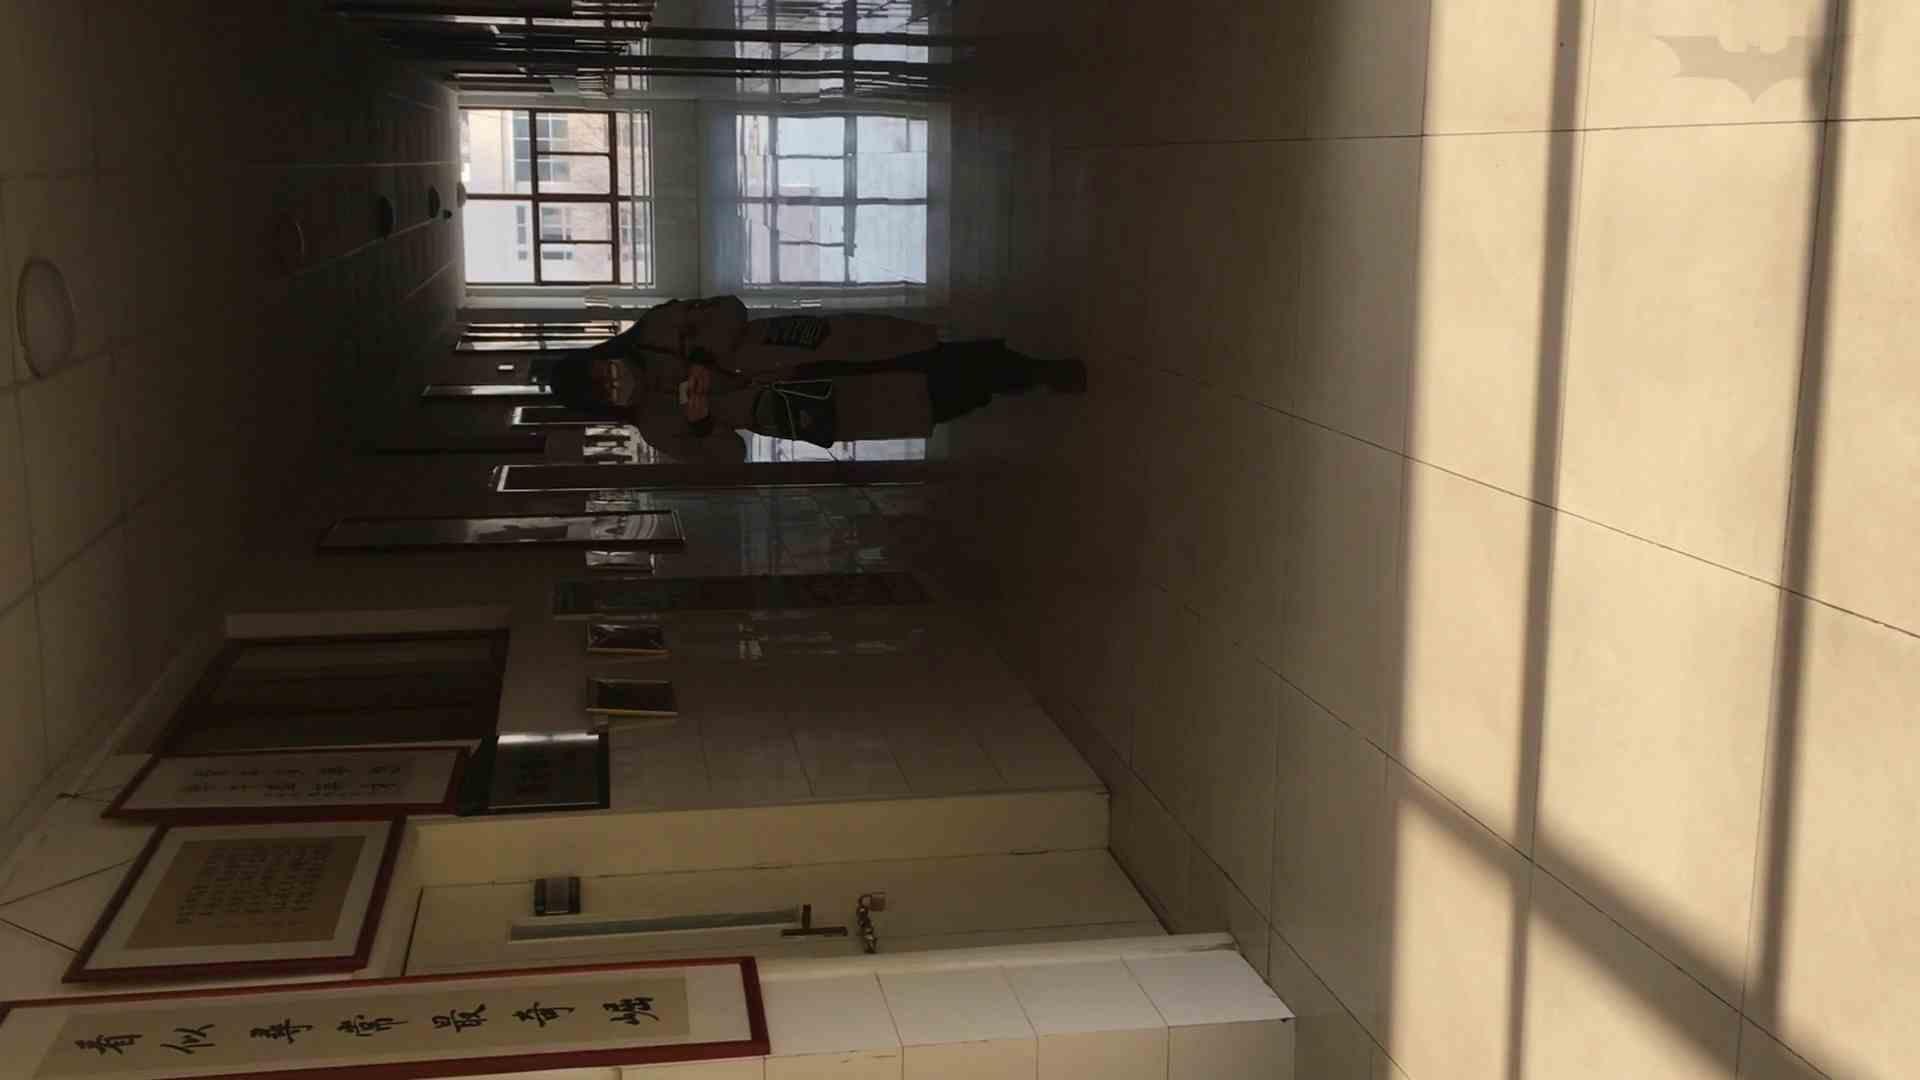 芸術大学ガチ潜入盗撮 JD盗撮 美女の洗面所の秘密 Vol.88 細身体型 | 美女  83枚 67